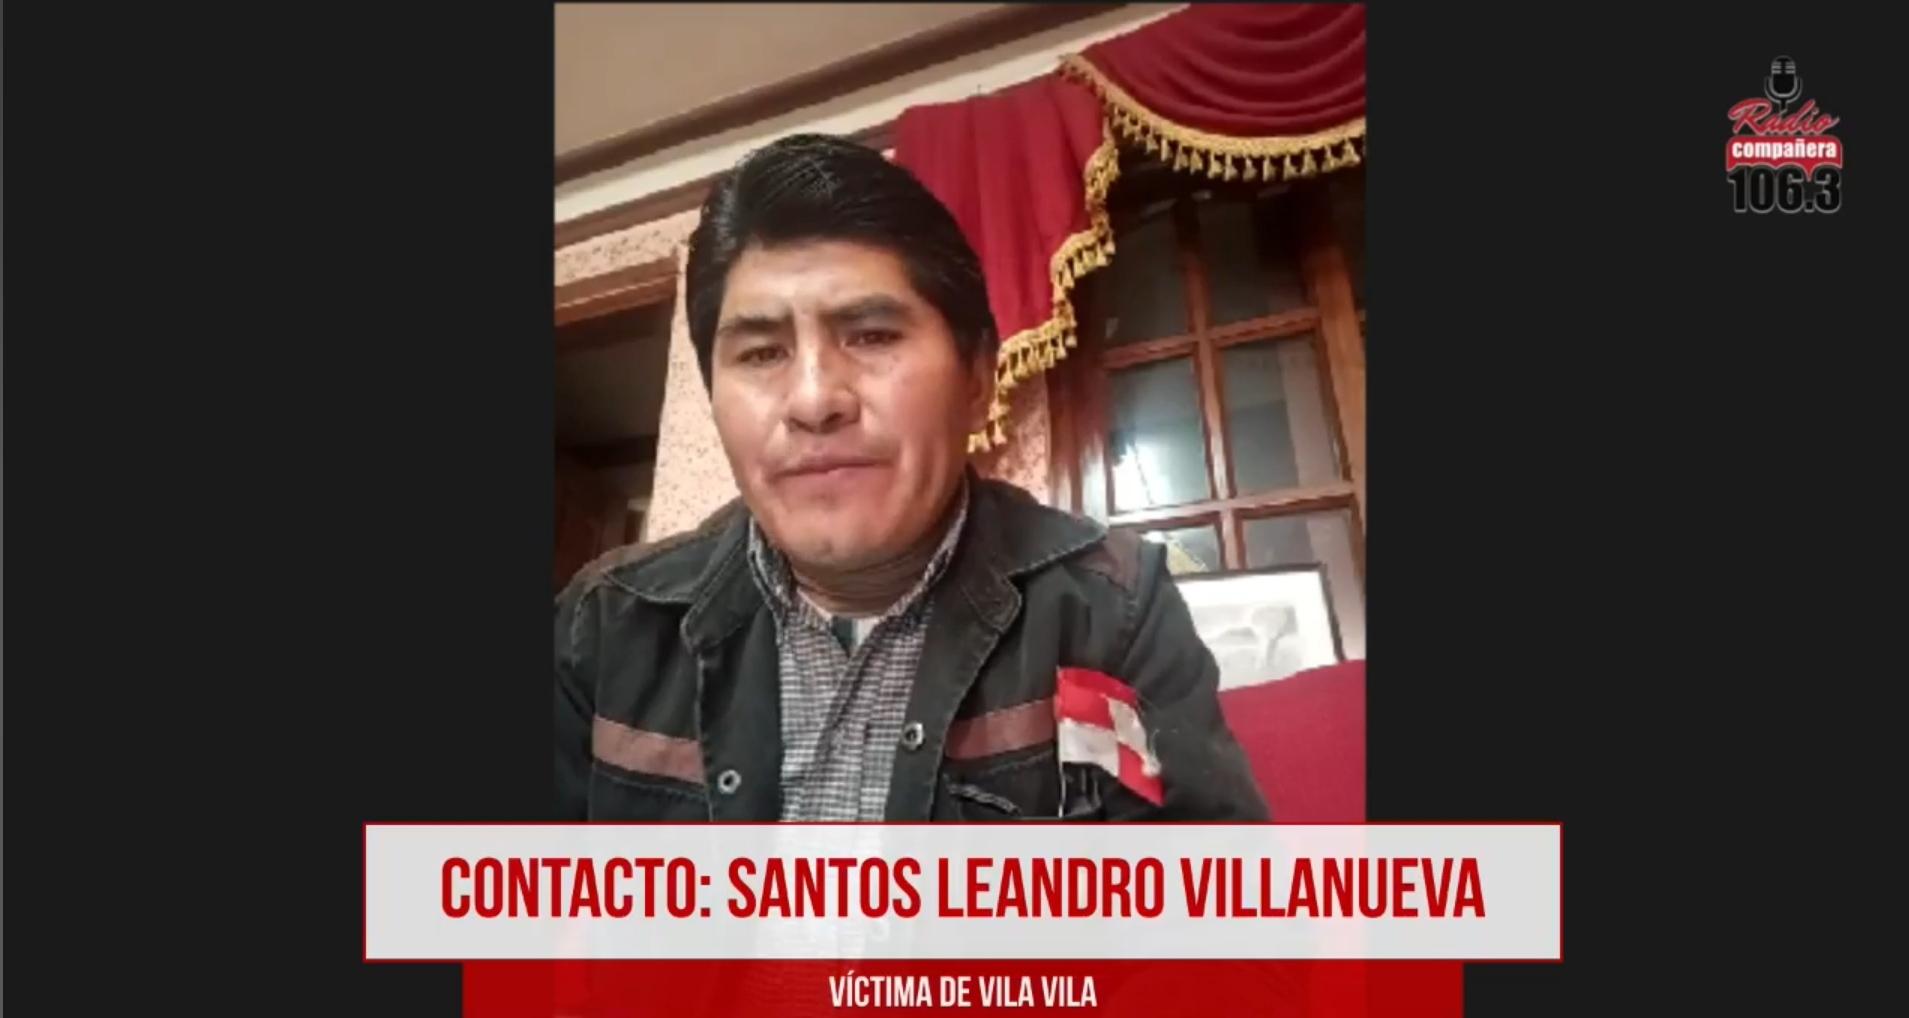 Víctimas de Vila Vila denuncian que su caso fue cerrado antes de la presentación de informes de expertos